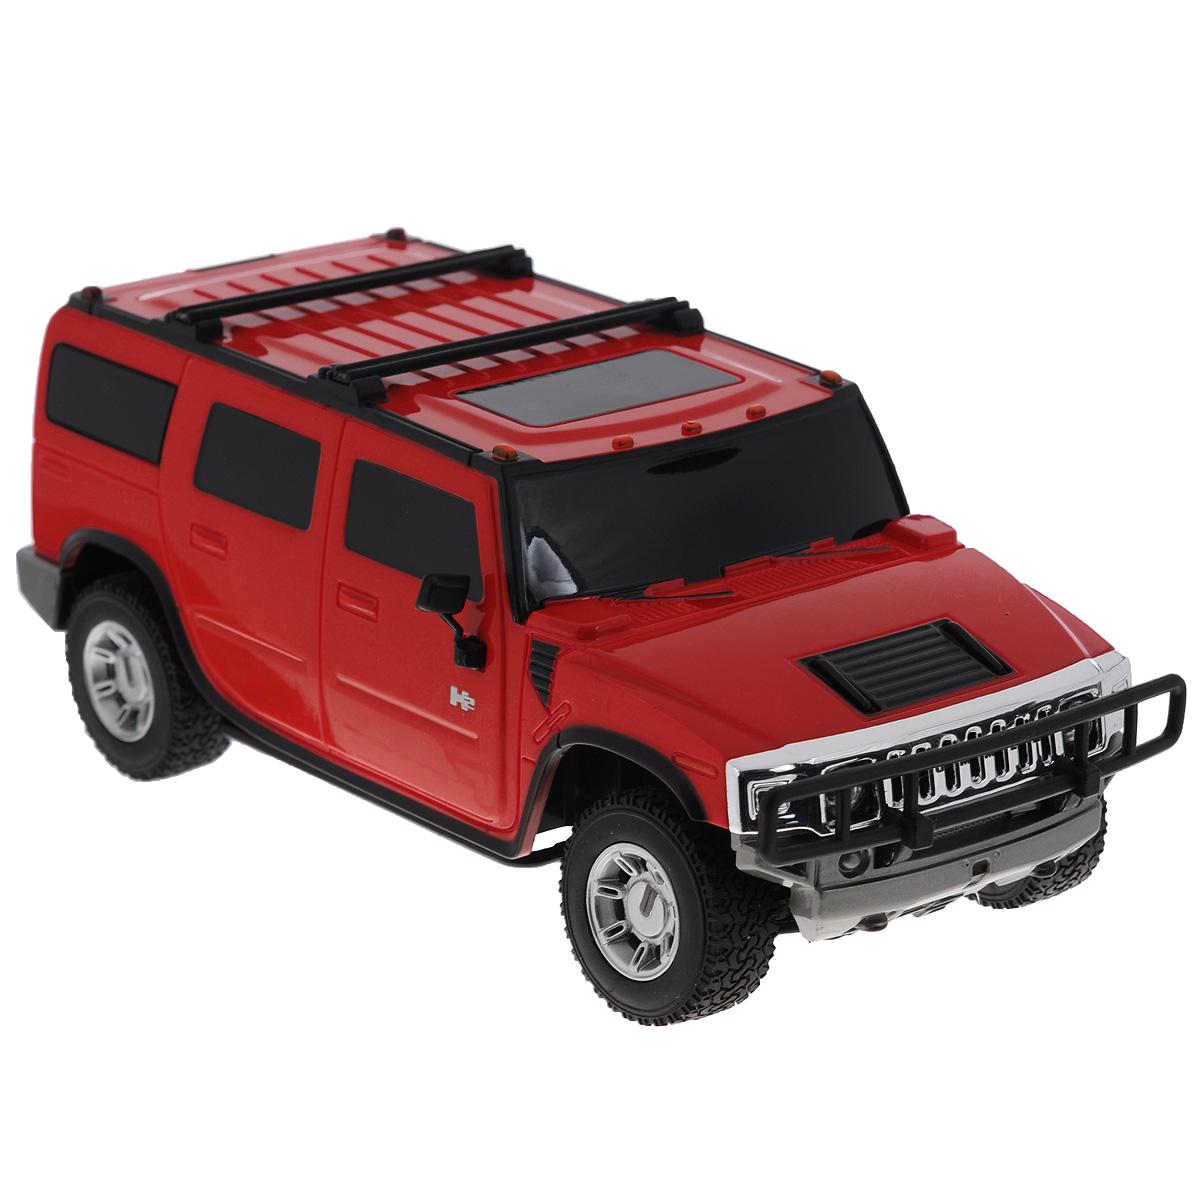 Rastar Радиоуправляемая модель Hummer H2 цвет красный масштаб 1:27